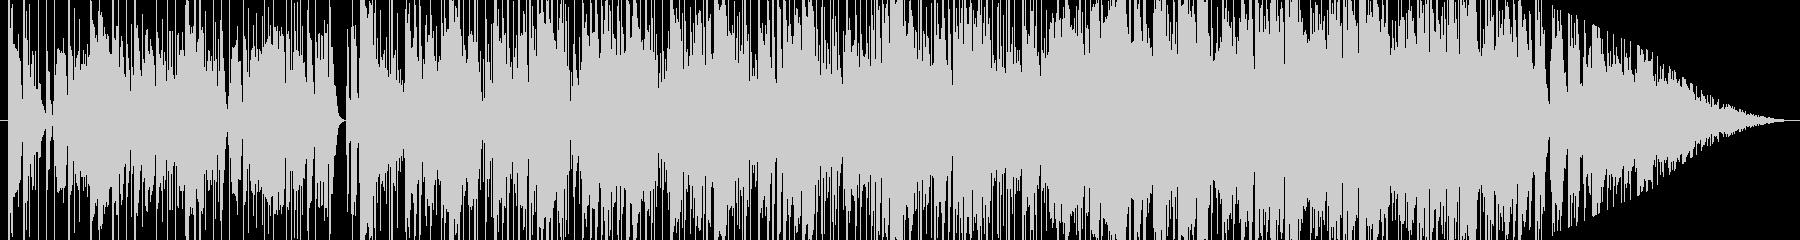 グルービーなファンク(日米にて録音)の未再生の波形